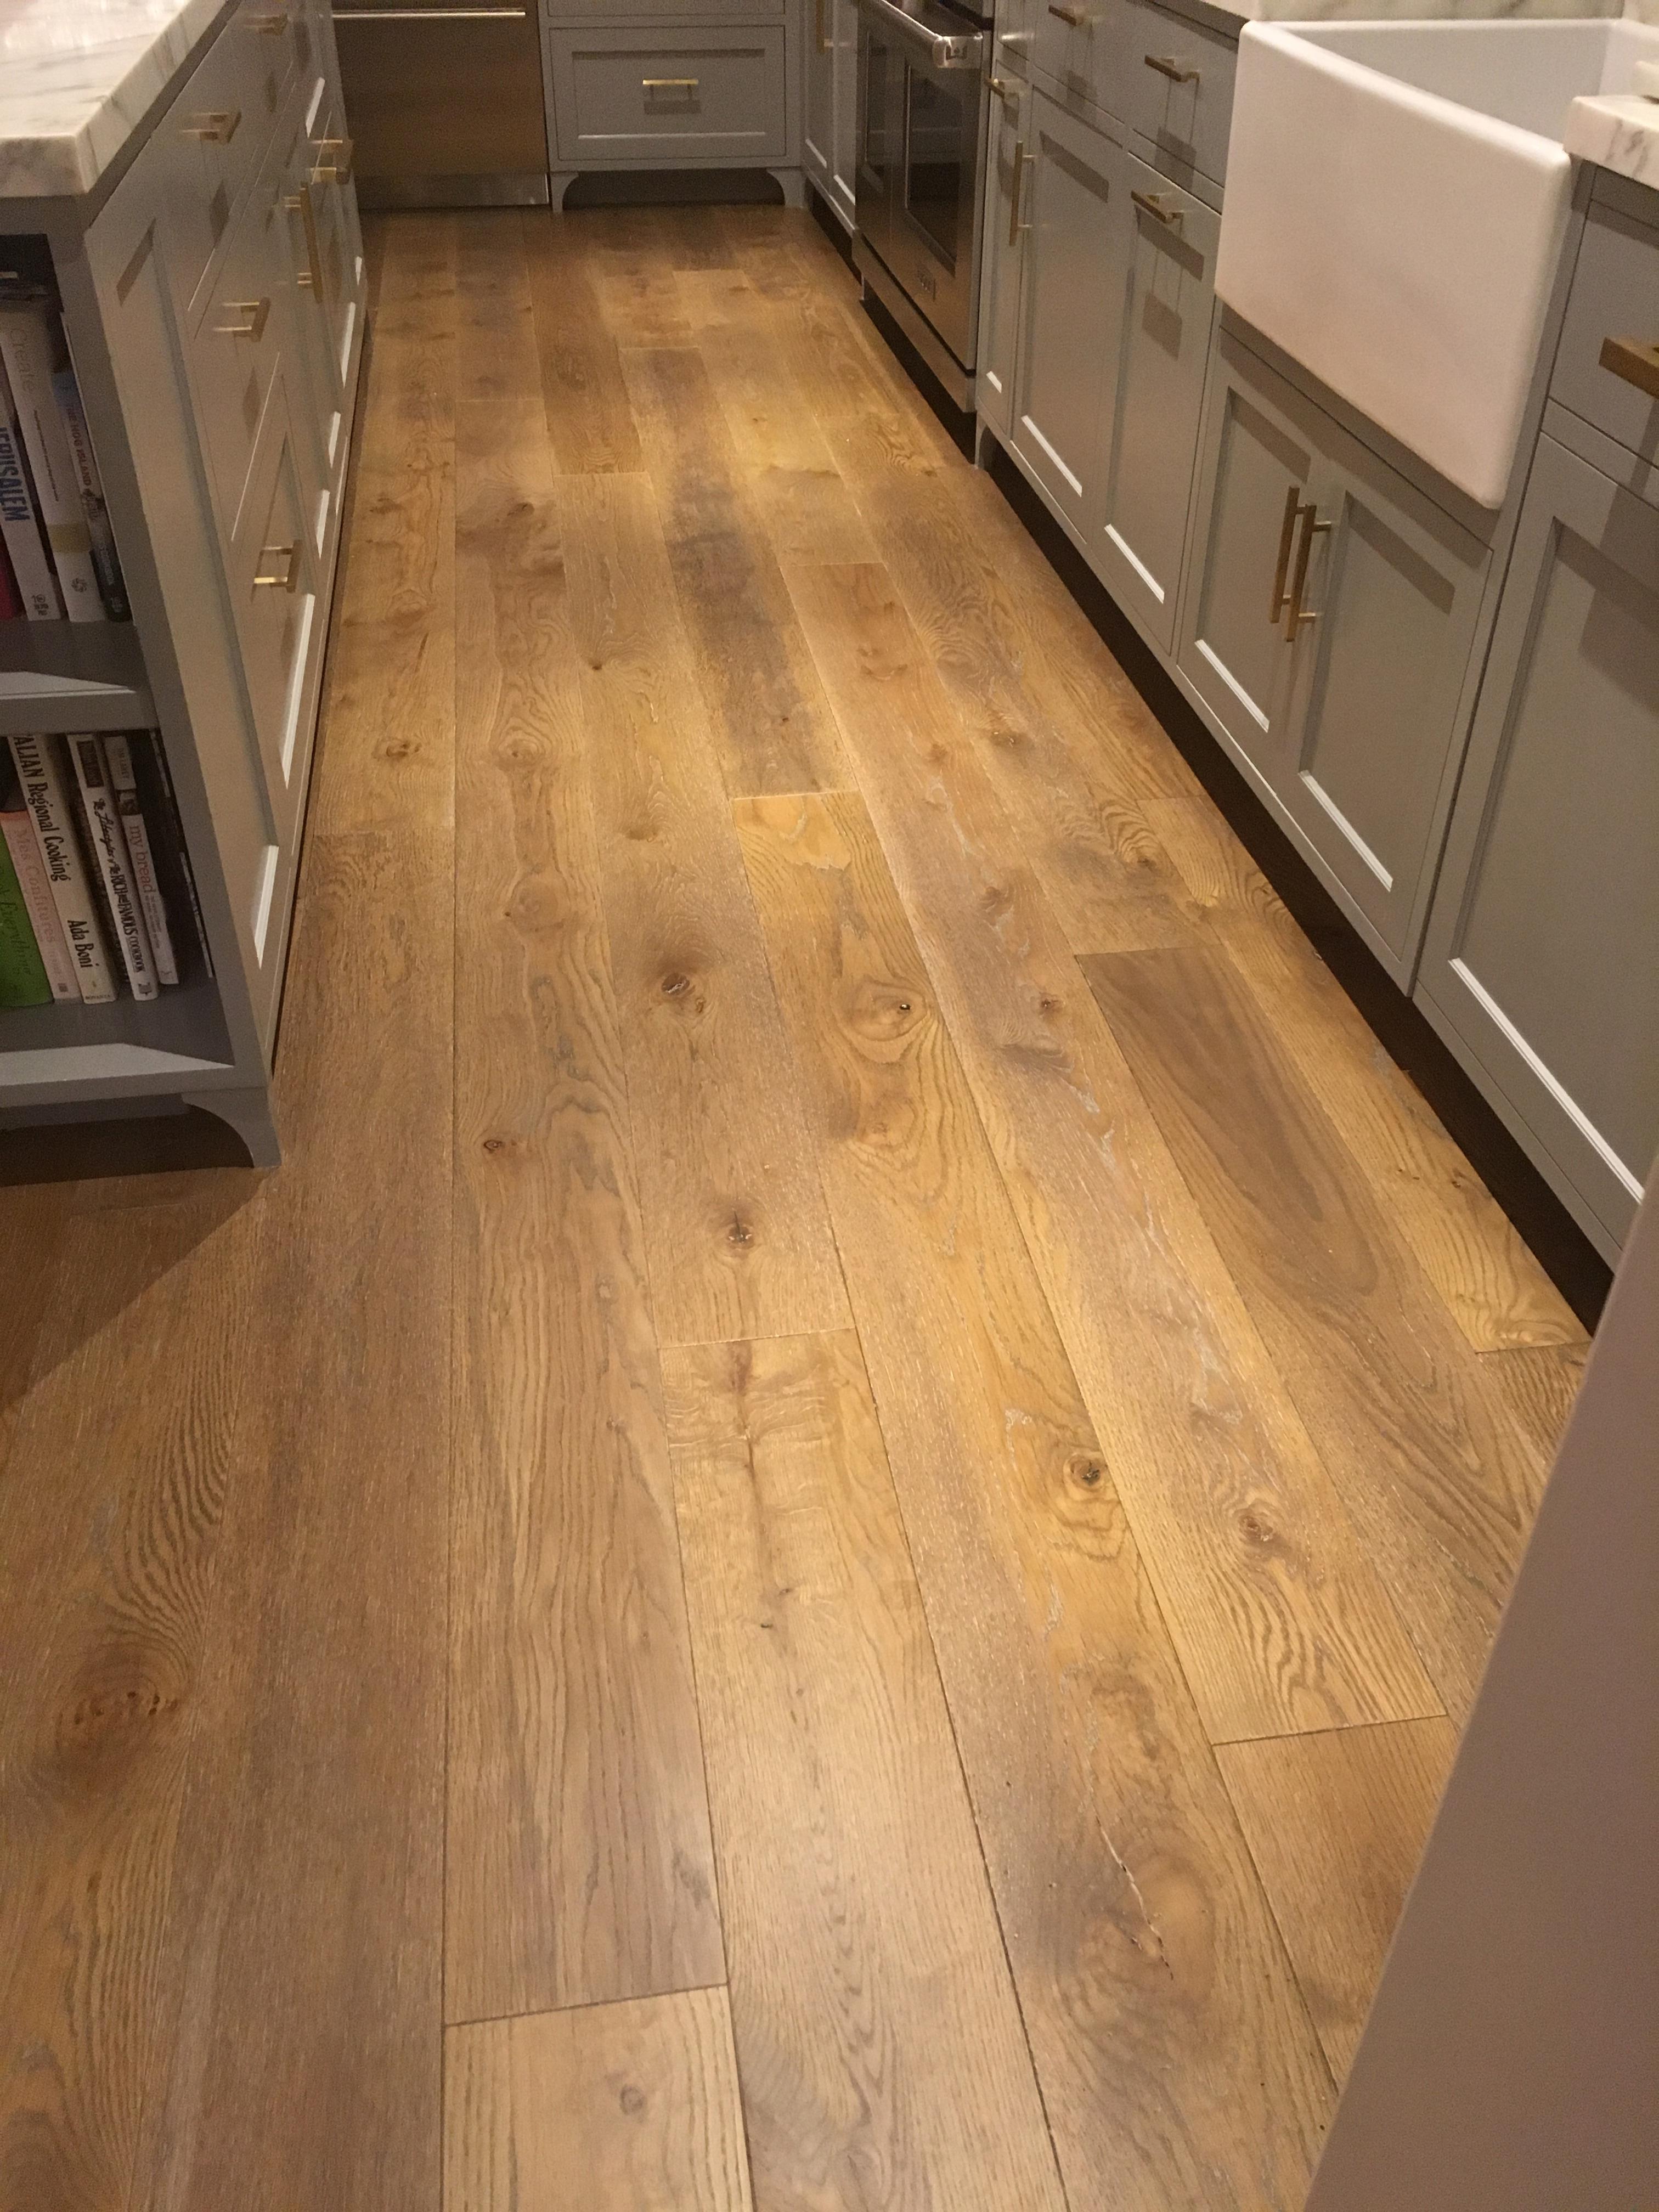 White oak flooring floors doors interior design for White oak flooring